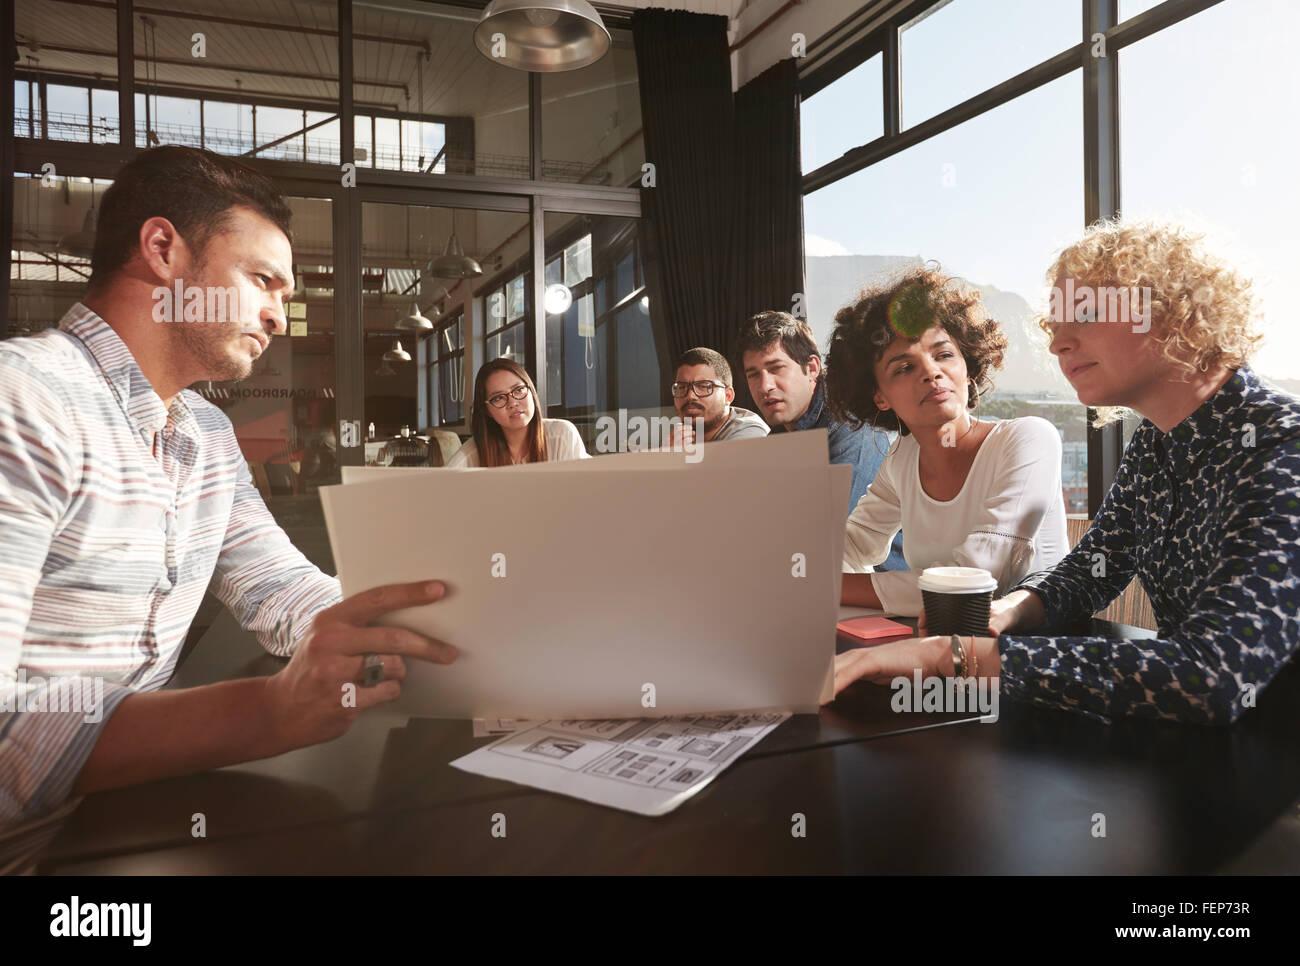 Glückliches und erfolgreiches Team von Kolleginnen und Kollegen zusammen zu sitzen, um Business-Pläne Stockbild